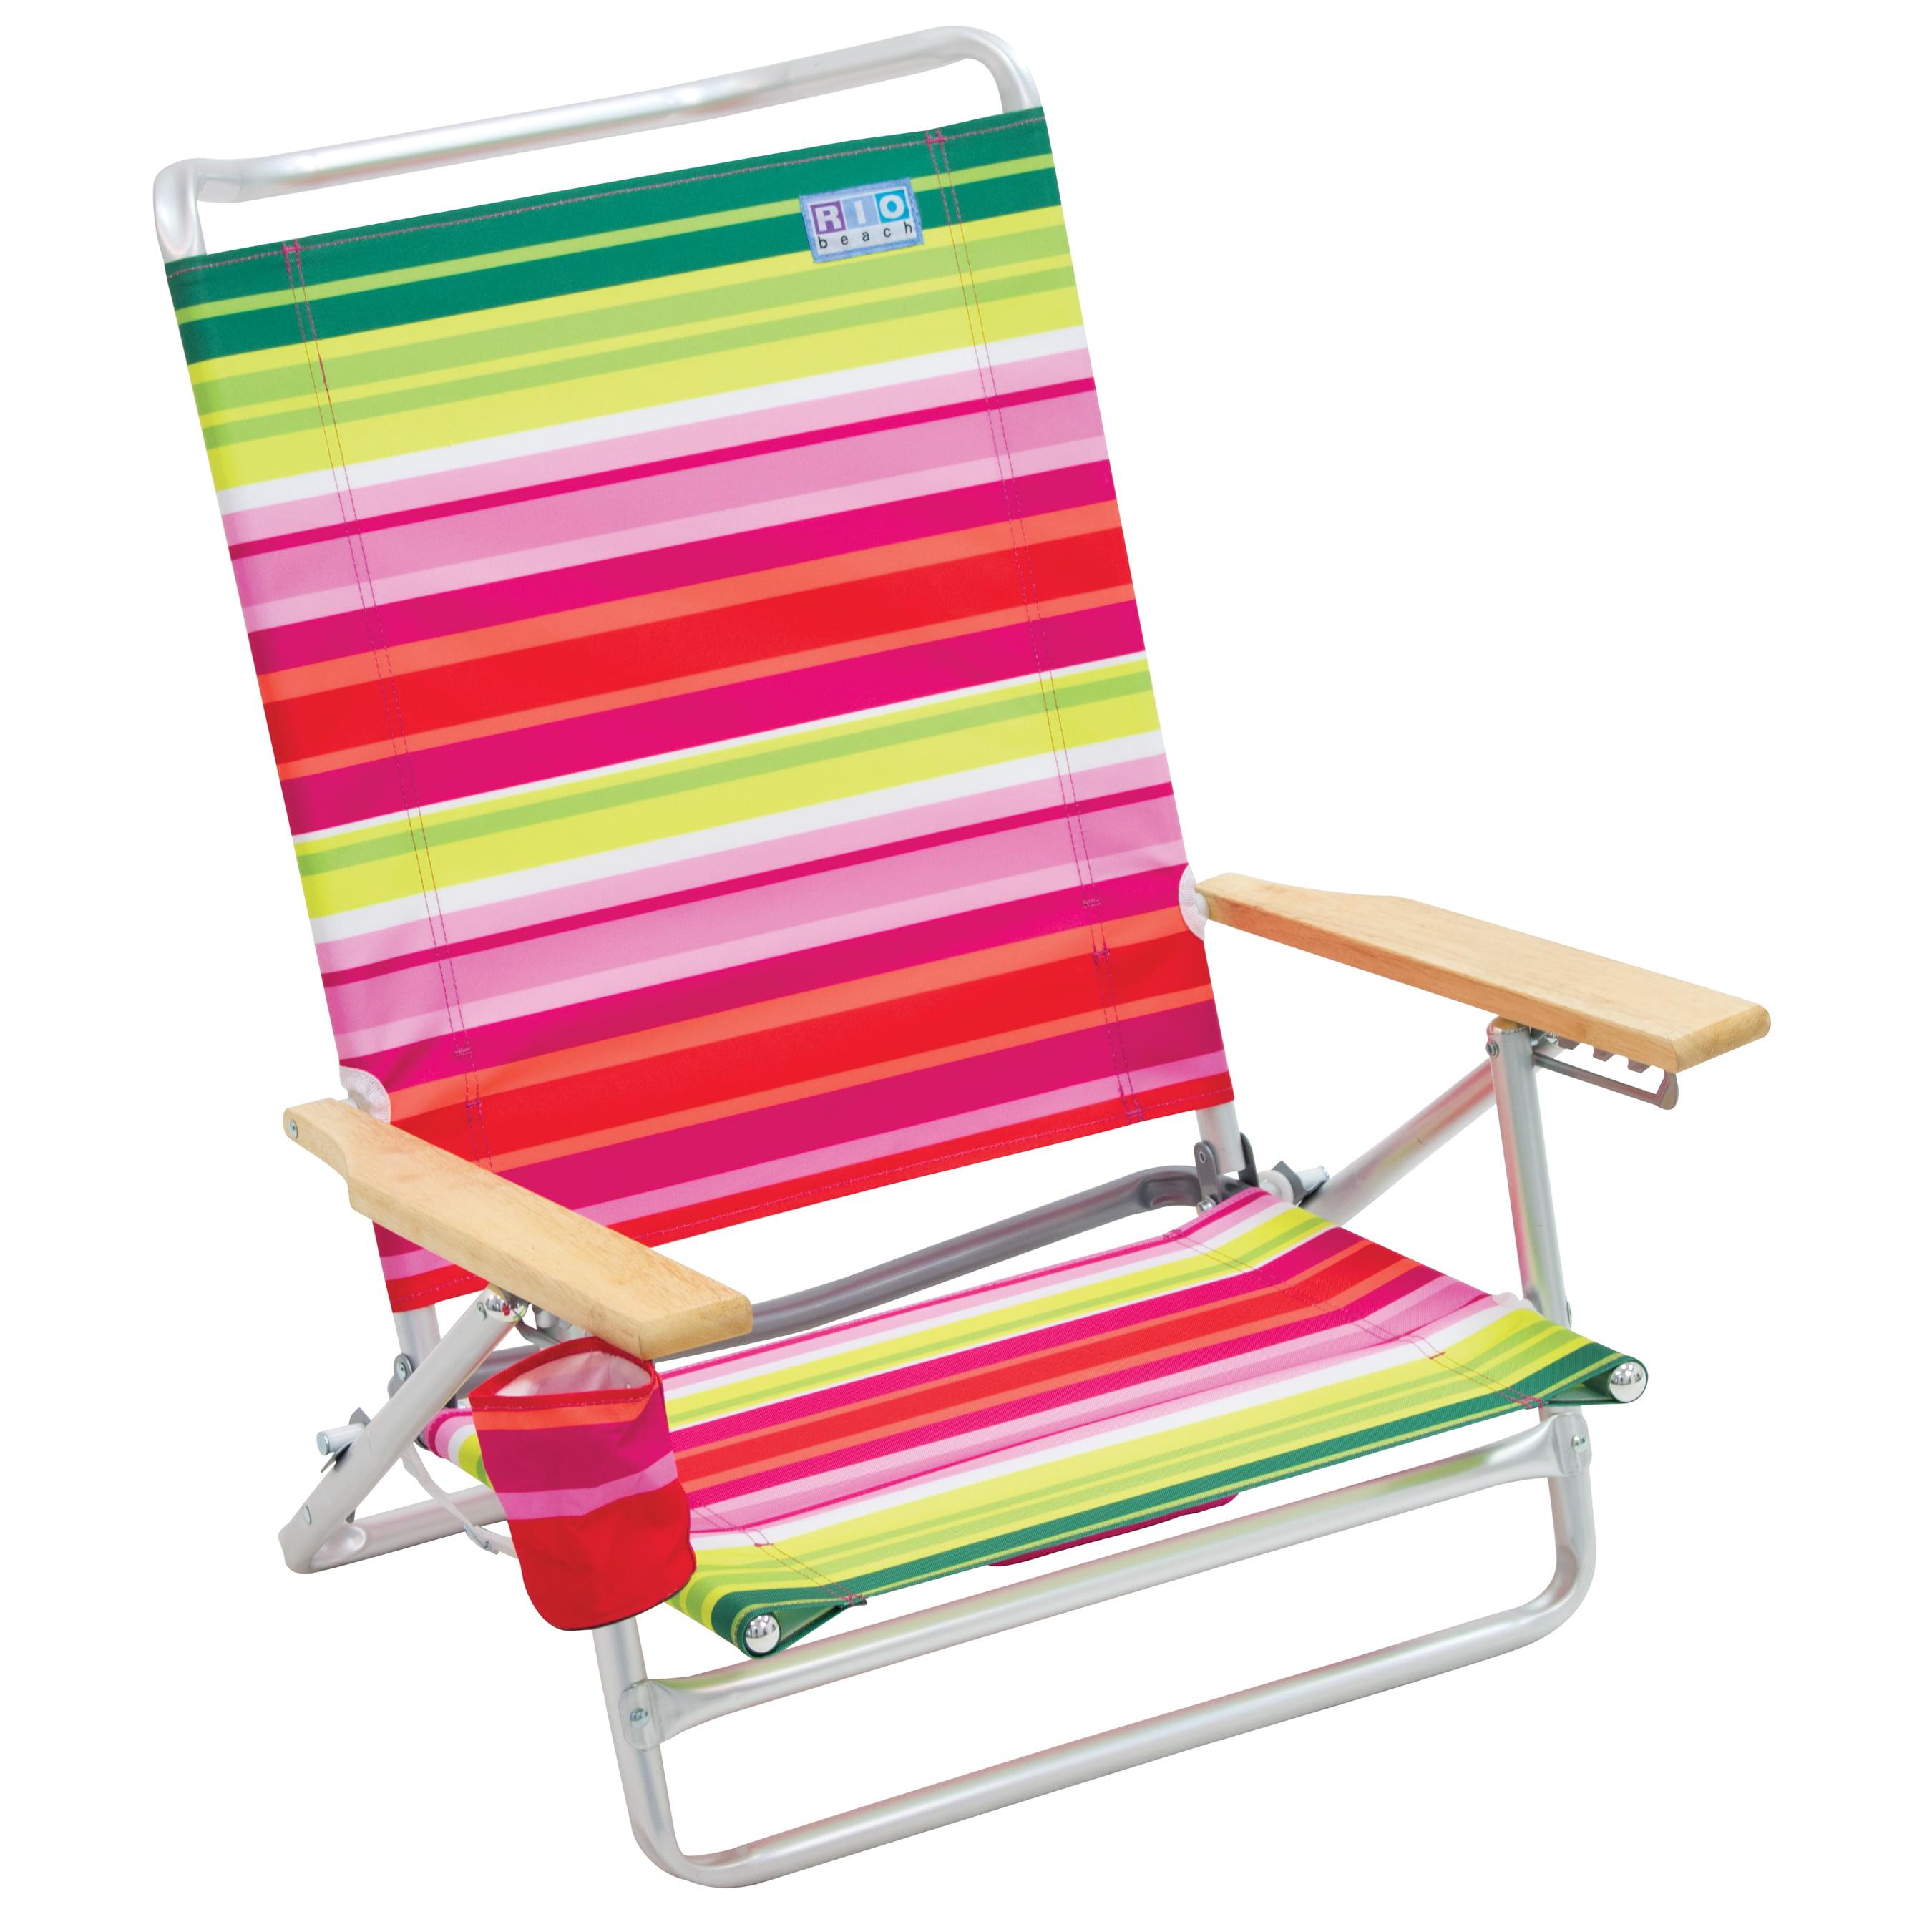 RIO Beach 5-Position High Back Beach Chair